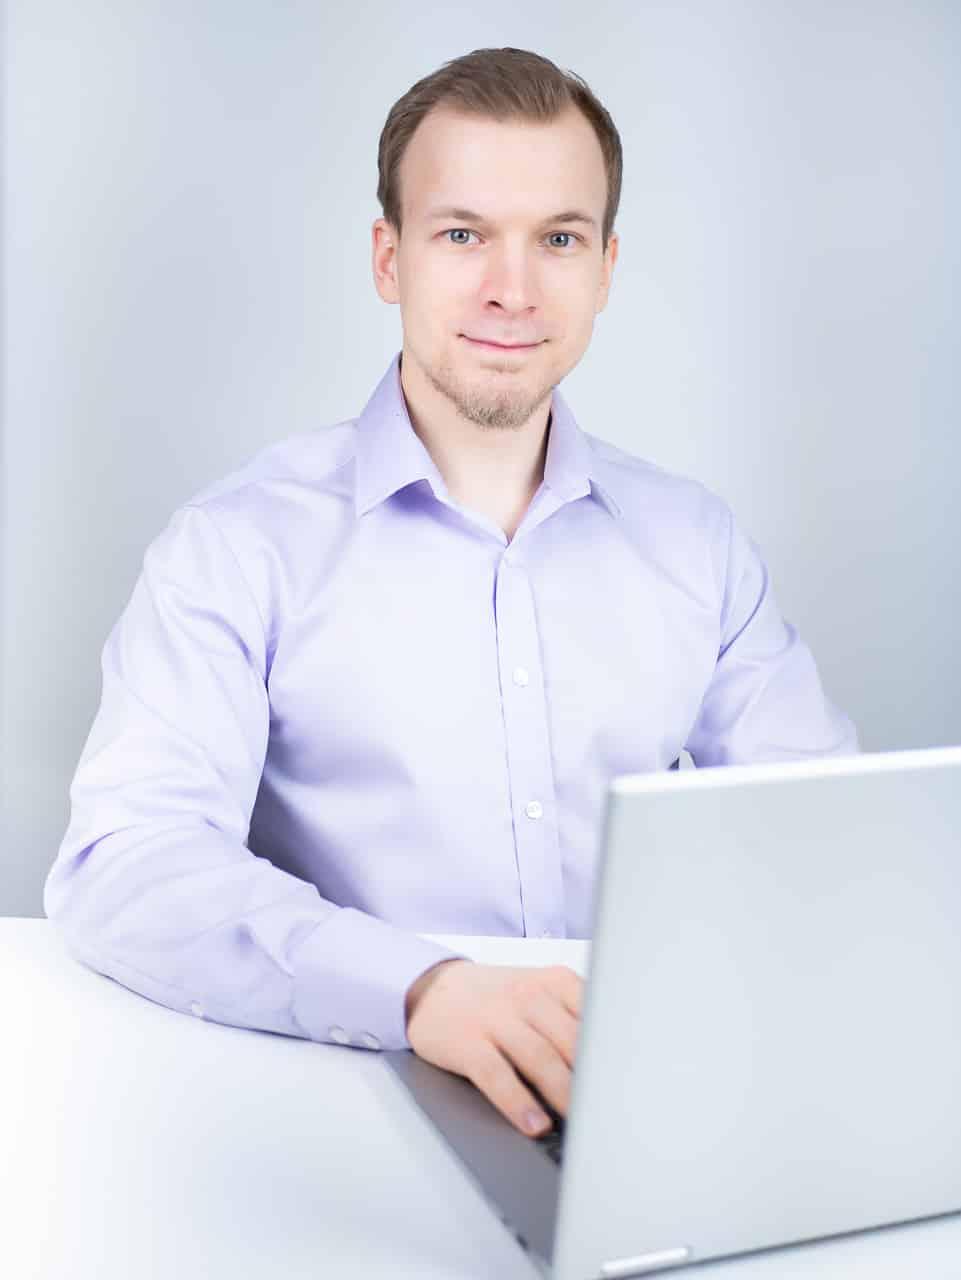 dieta personalna online konsultacja kazimierz dargiewicz 1